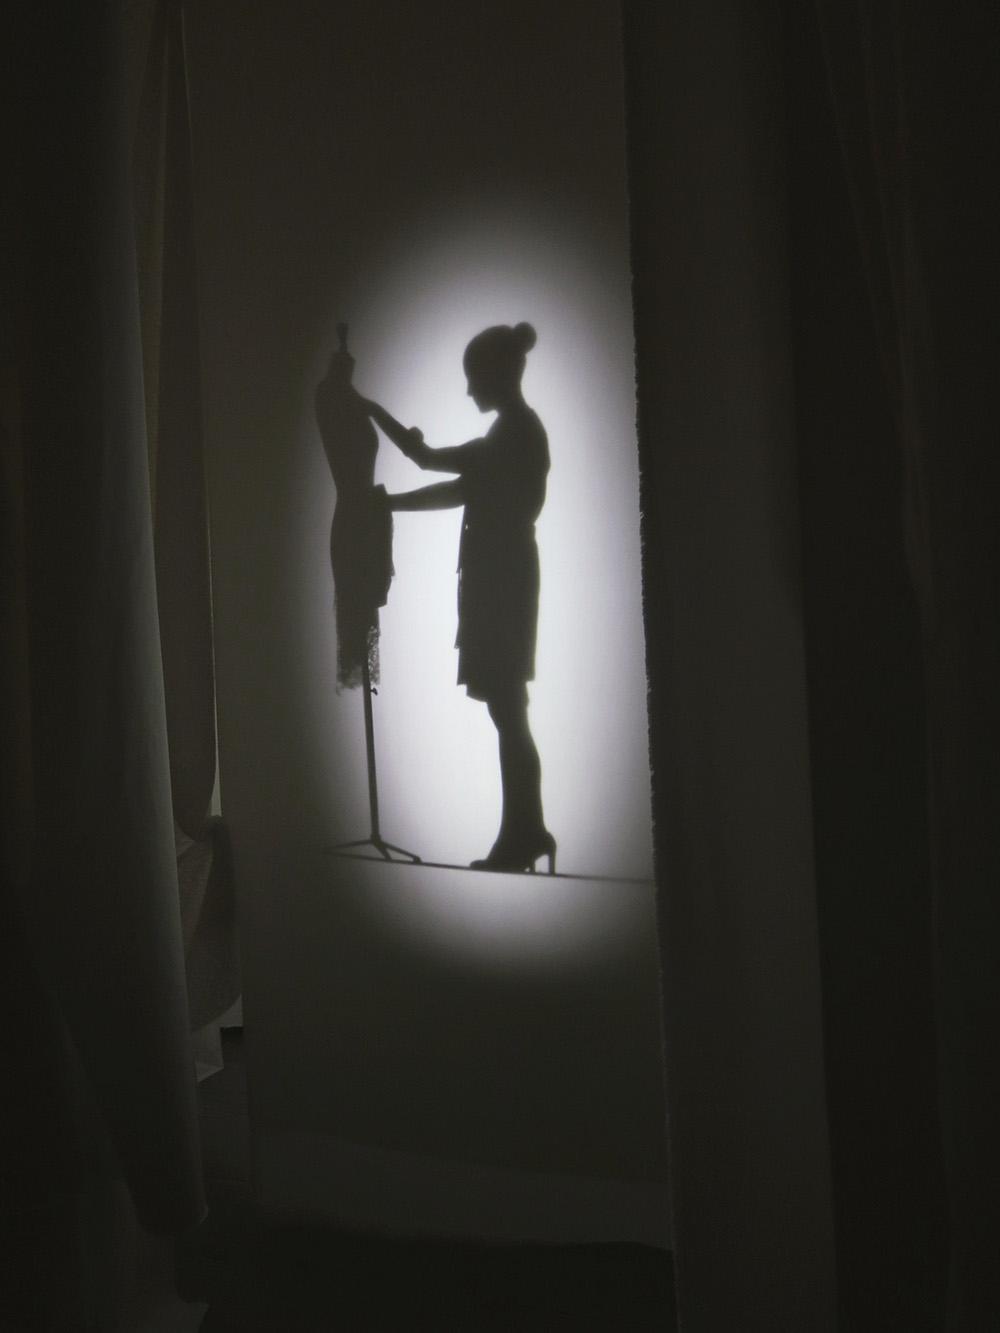 Chanel sensory room